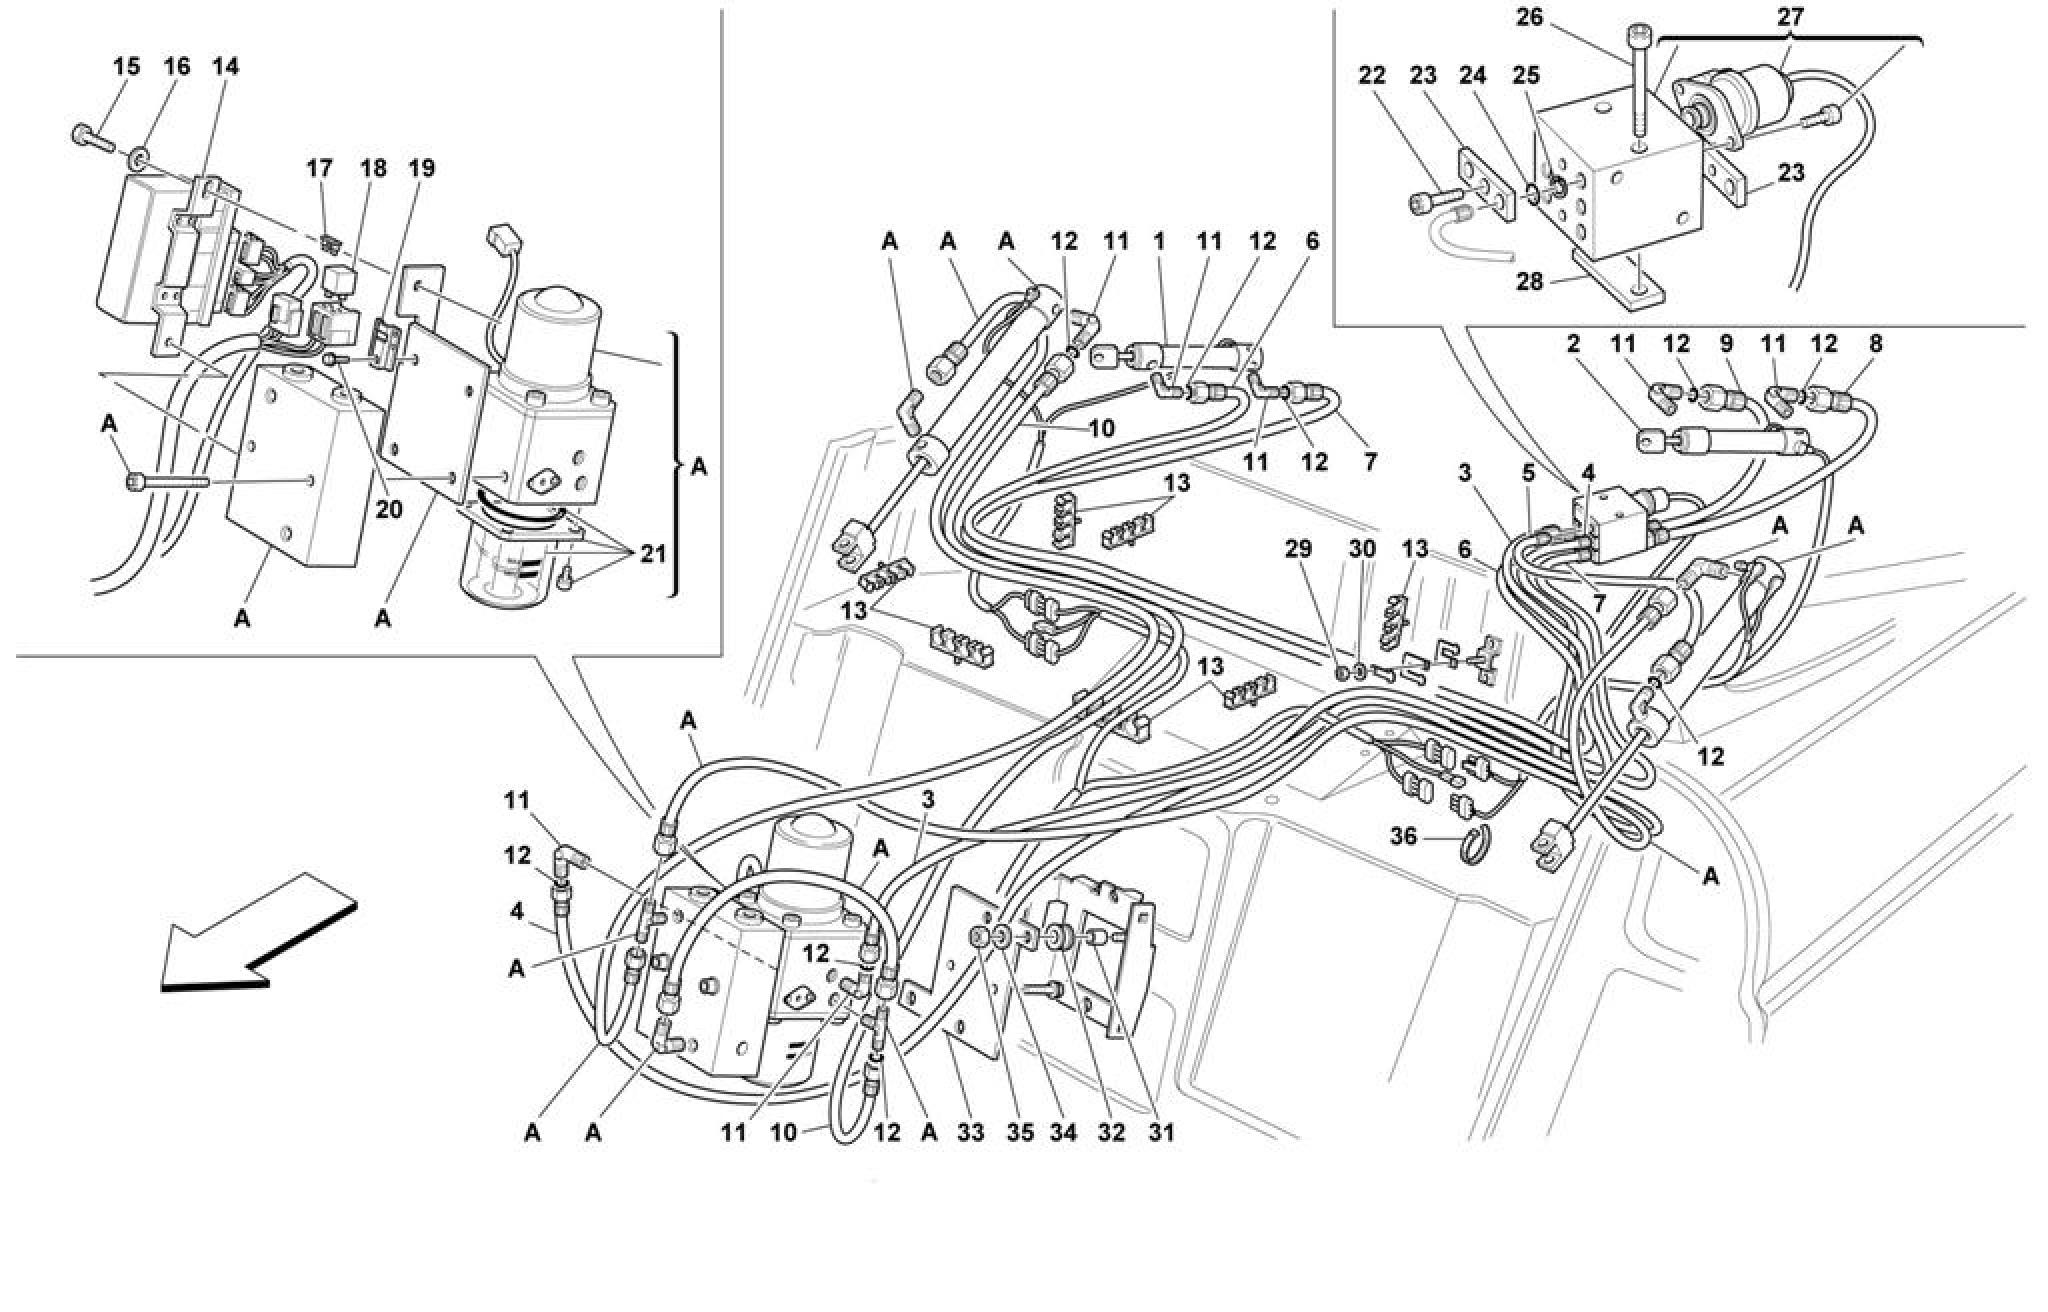 Ferrari F355 M2 7 Top Hydraulic Control Valid For